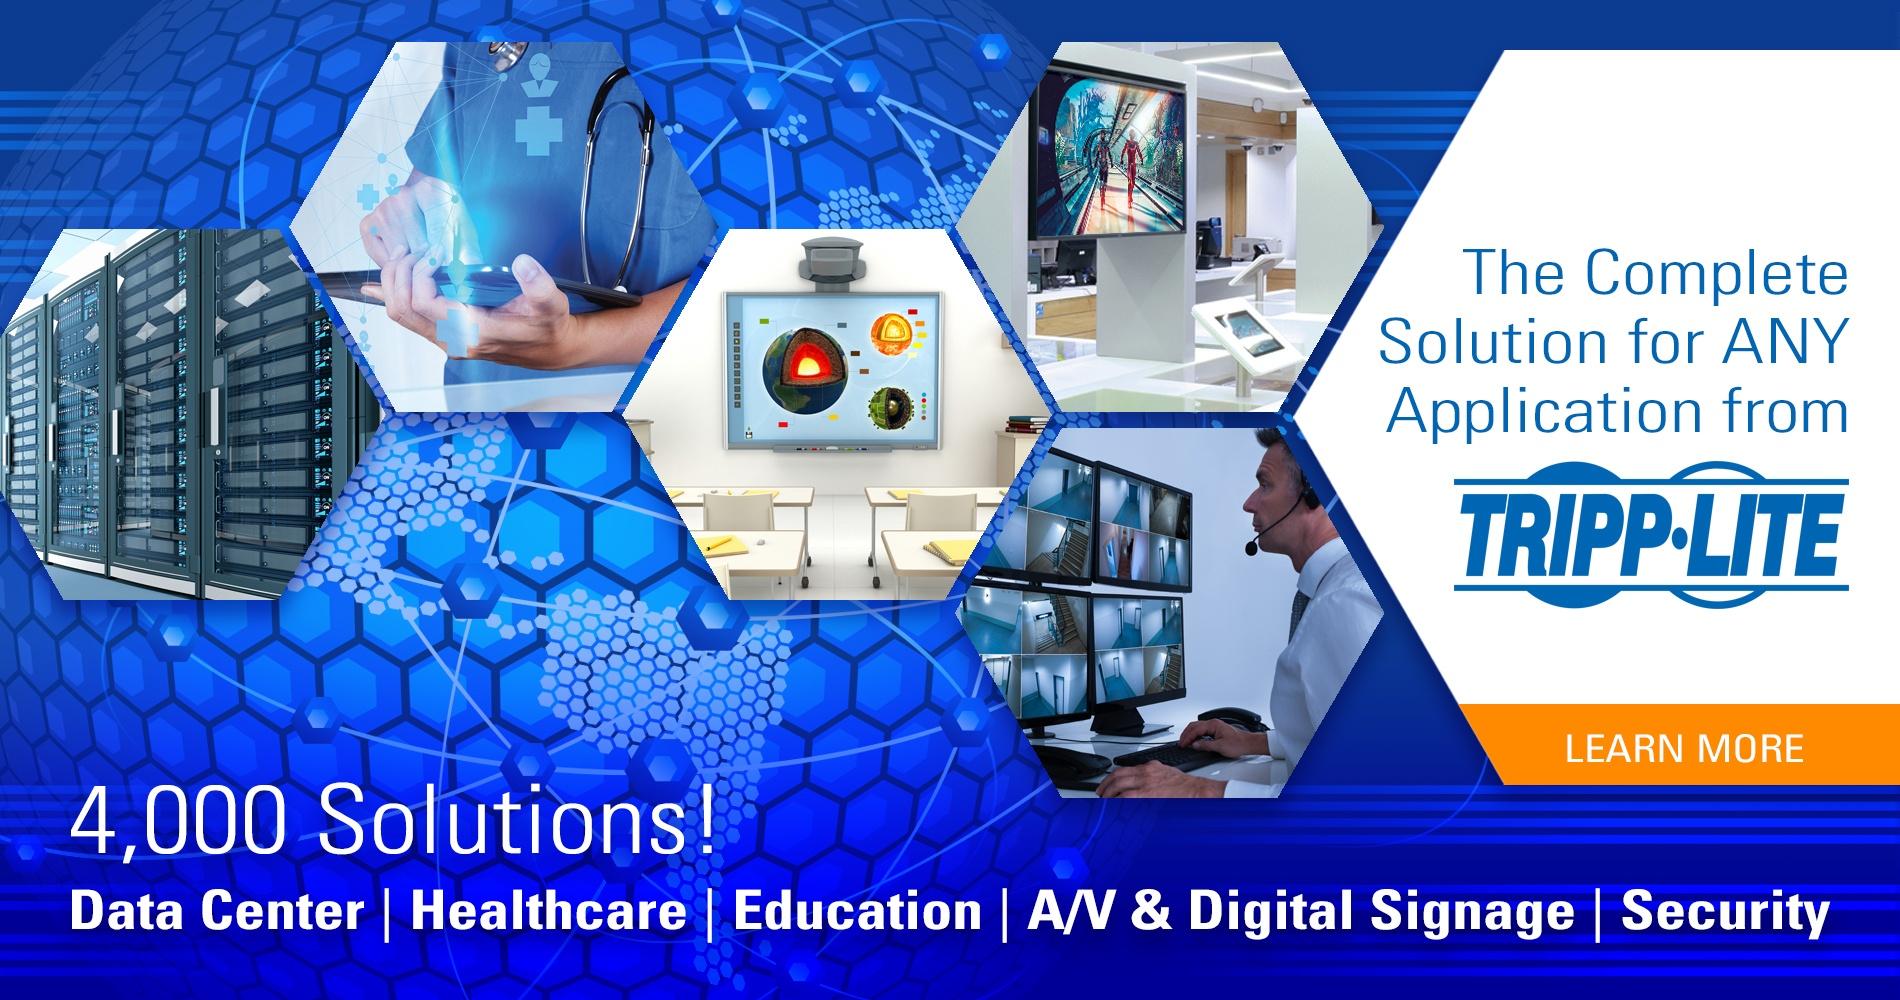 Q317_Accu-Tech Web Banner_17-07-015 (1)